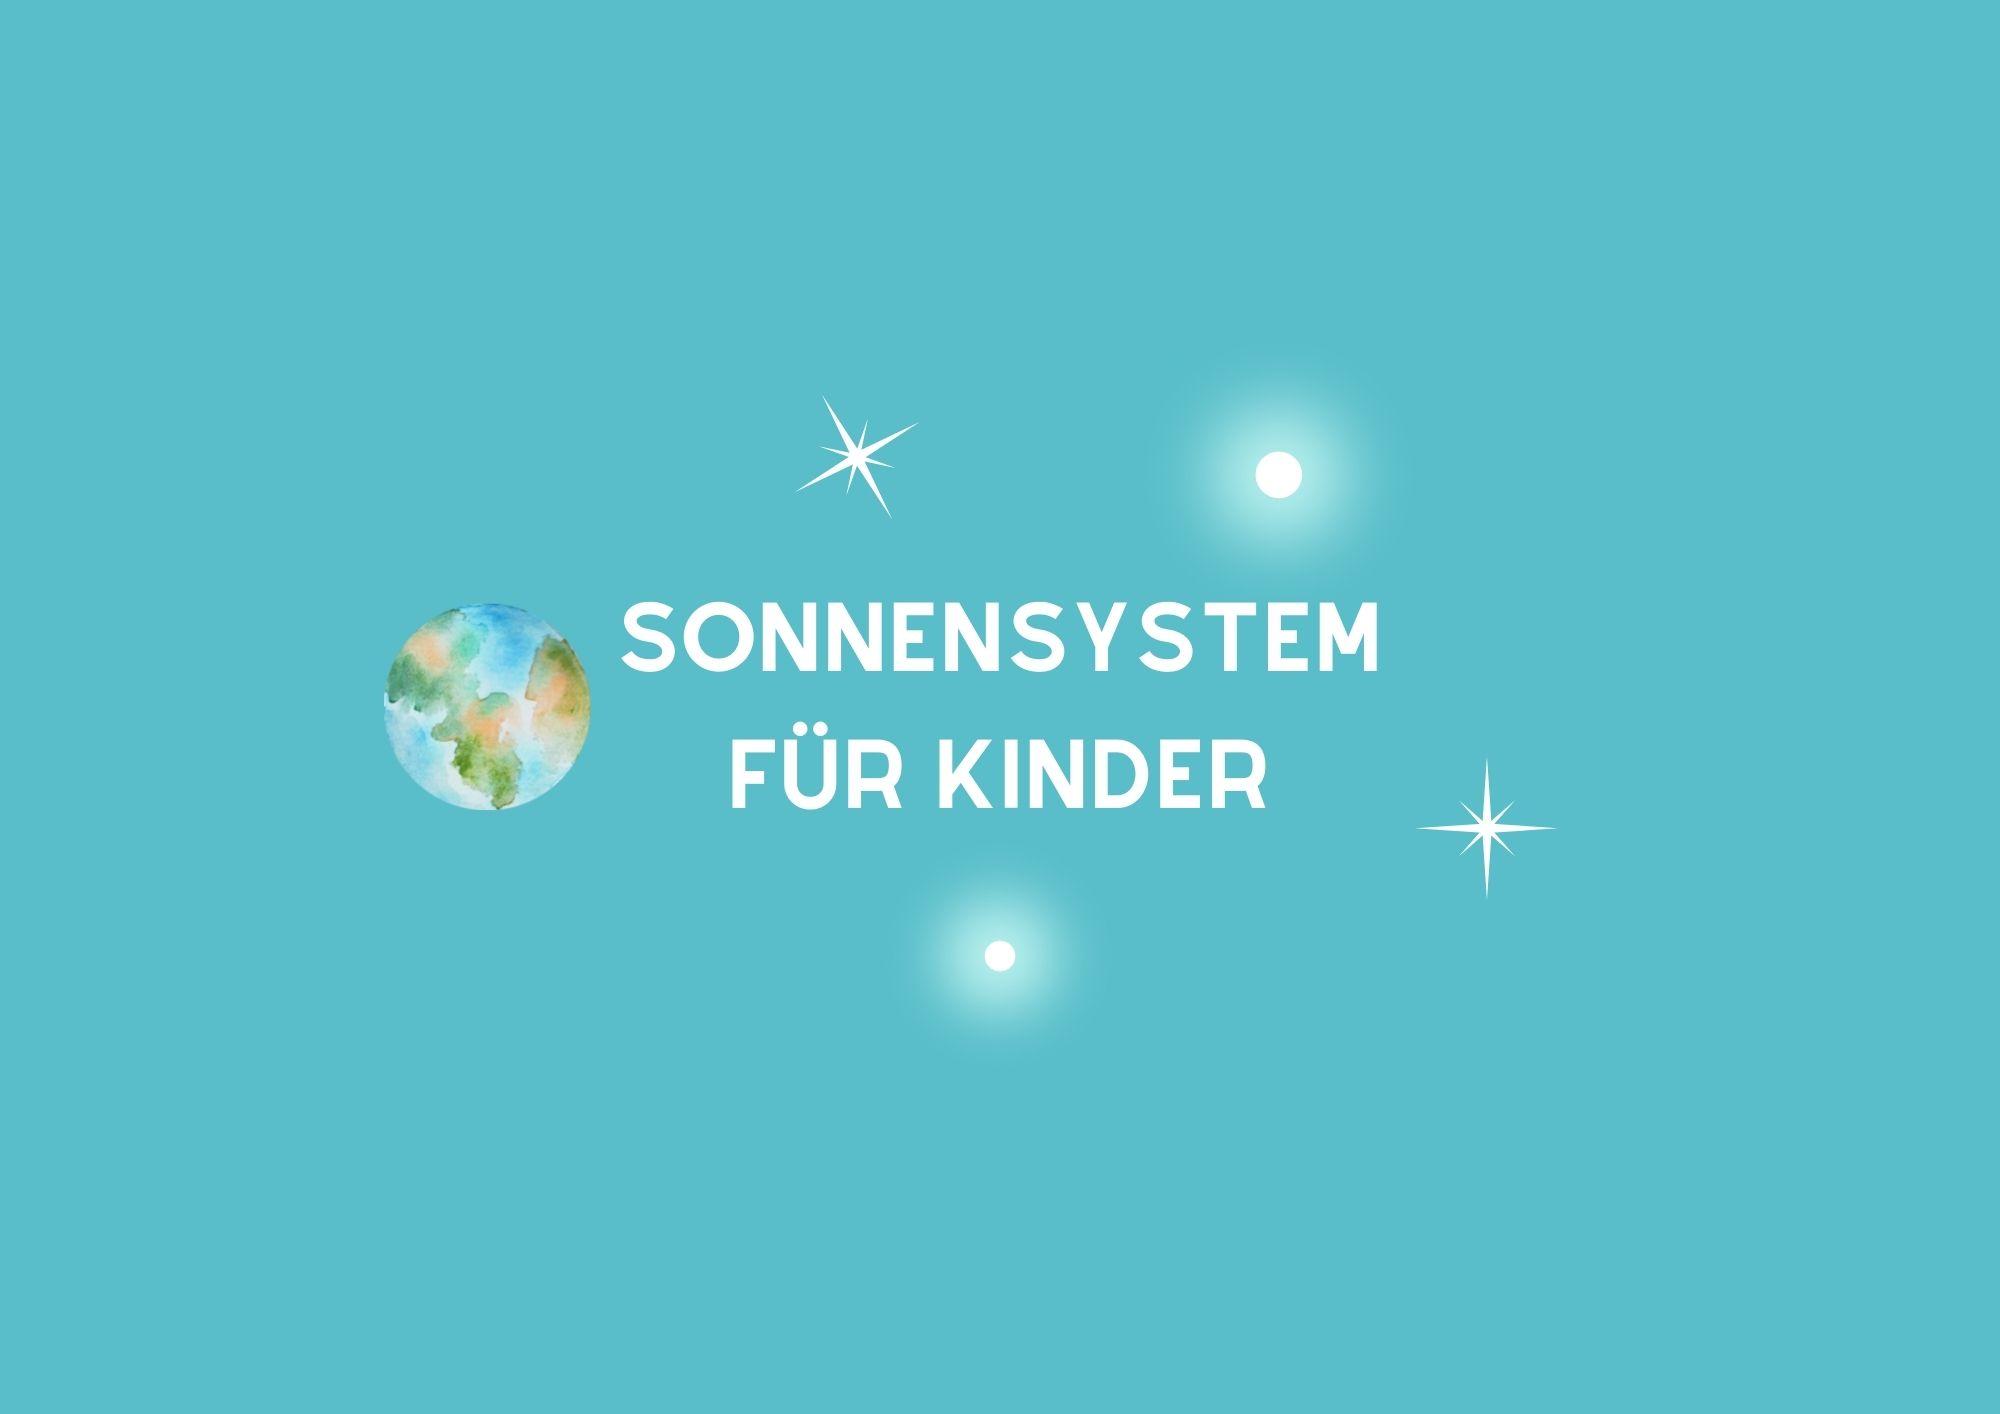 Sonnensystem für Kinder Aktivität